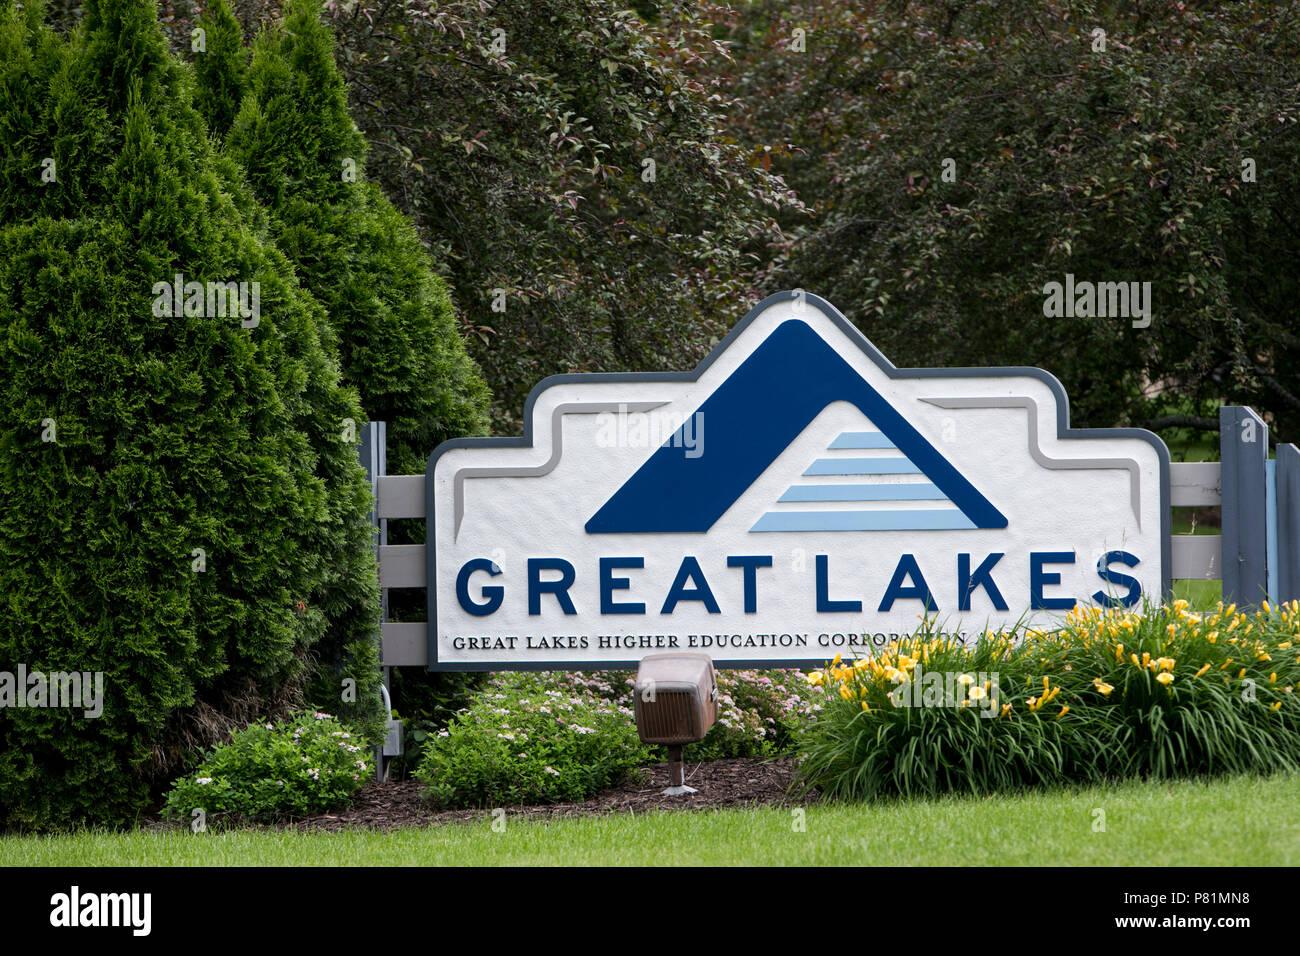 Un logotipo firmar fuera de la sede de la Corporación de educación superior de los Grandes Lagos en Madison, Wisconsin, el 23 de junio de 2018. Imagen De Stock